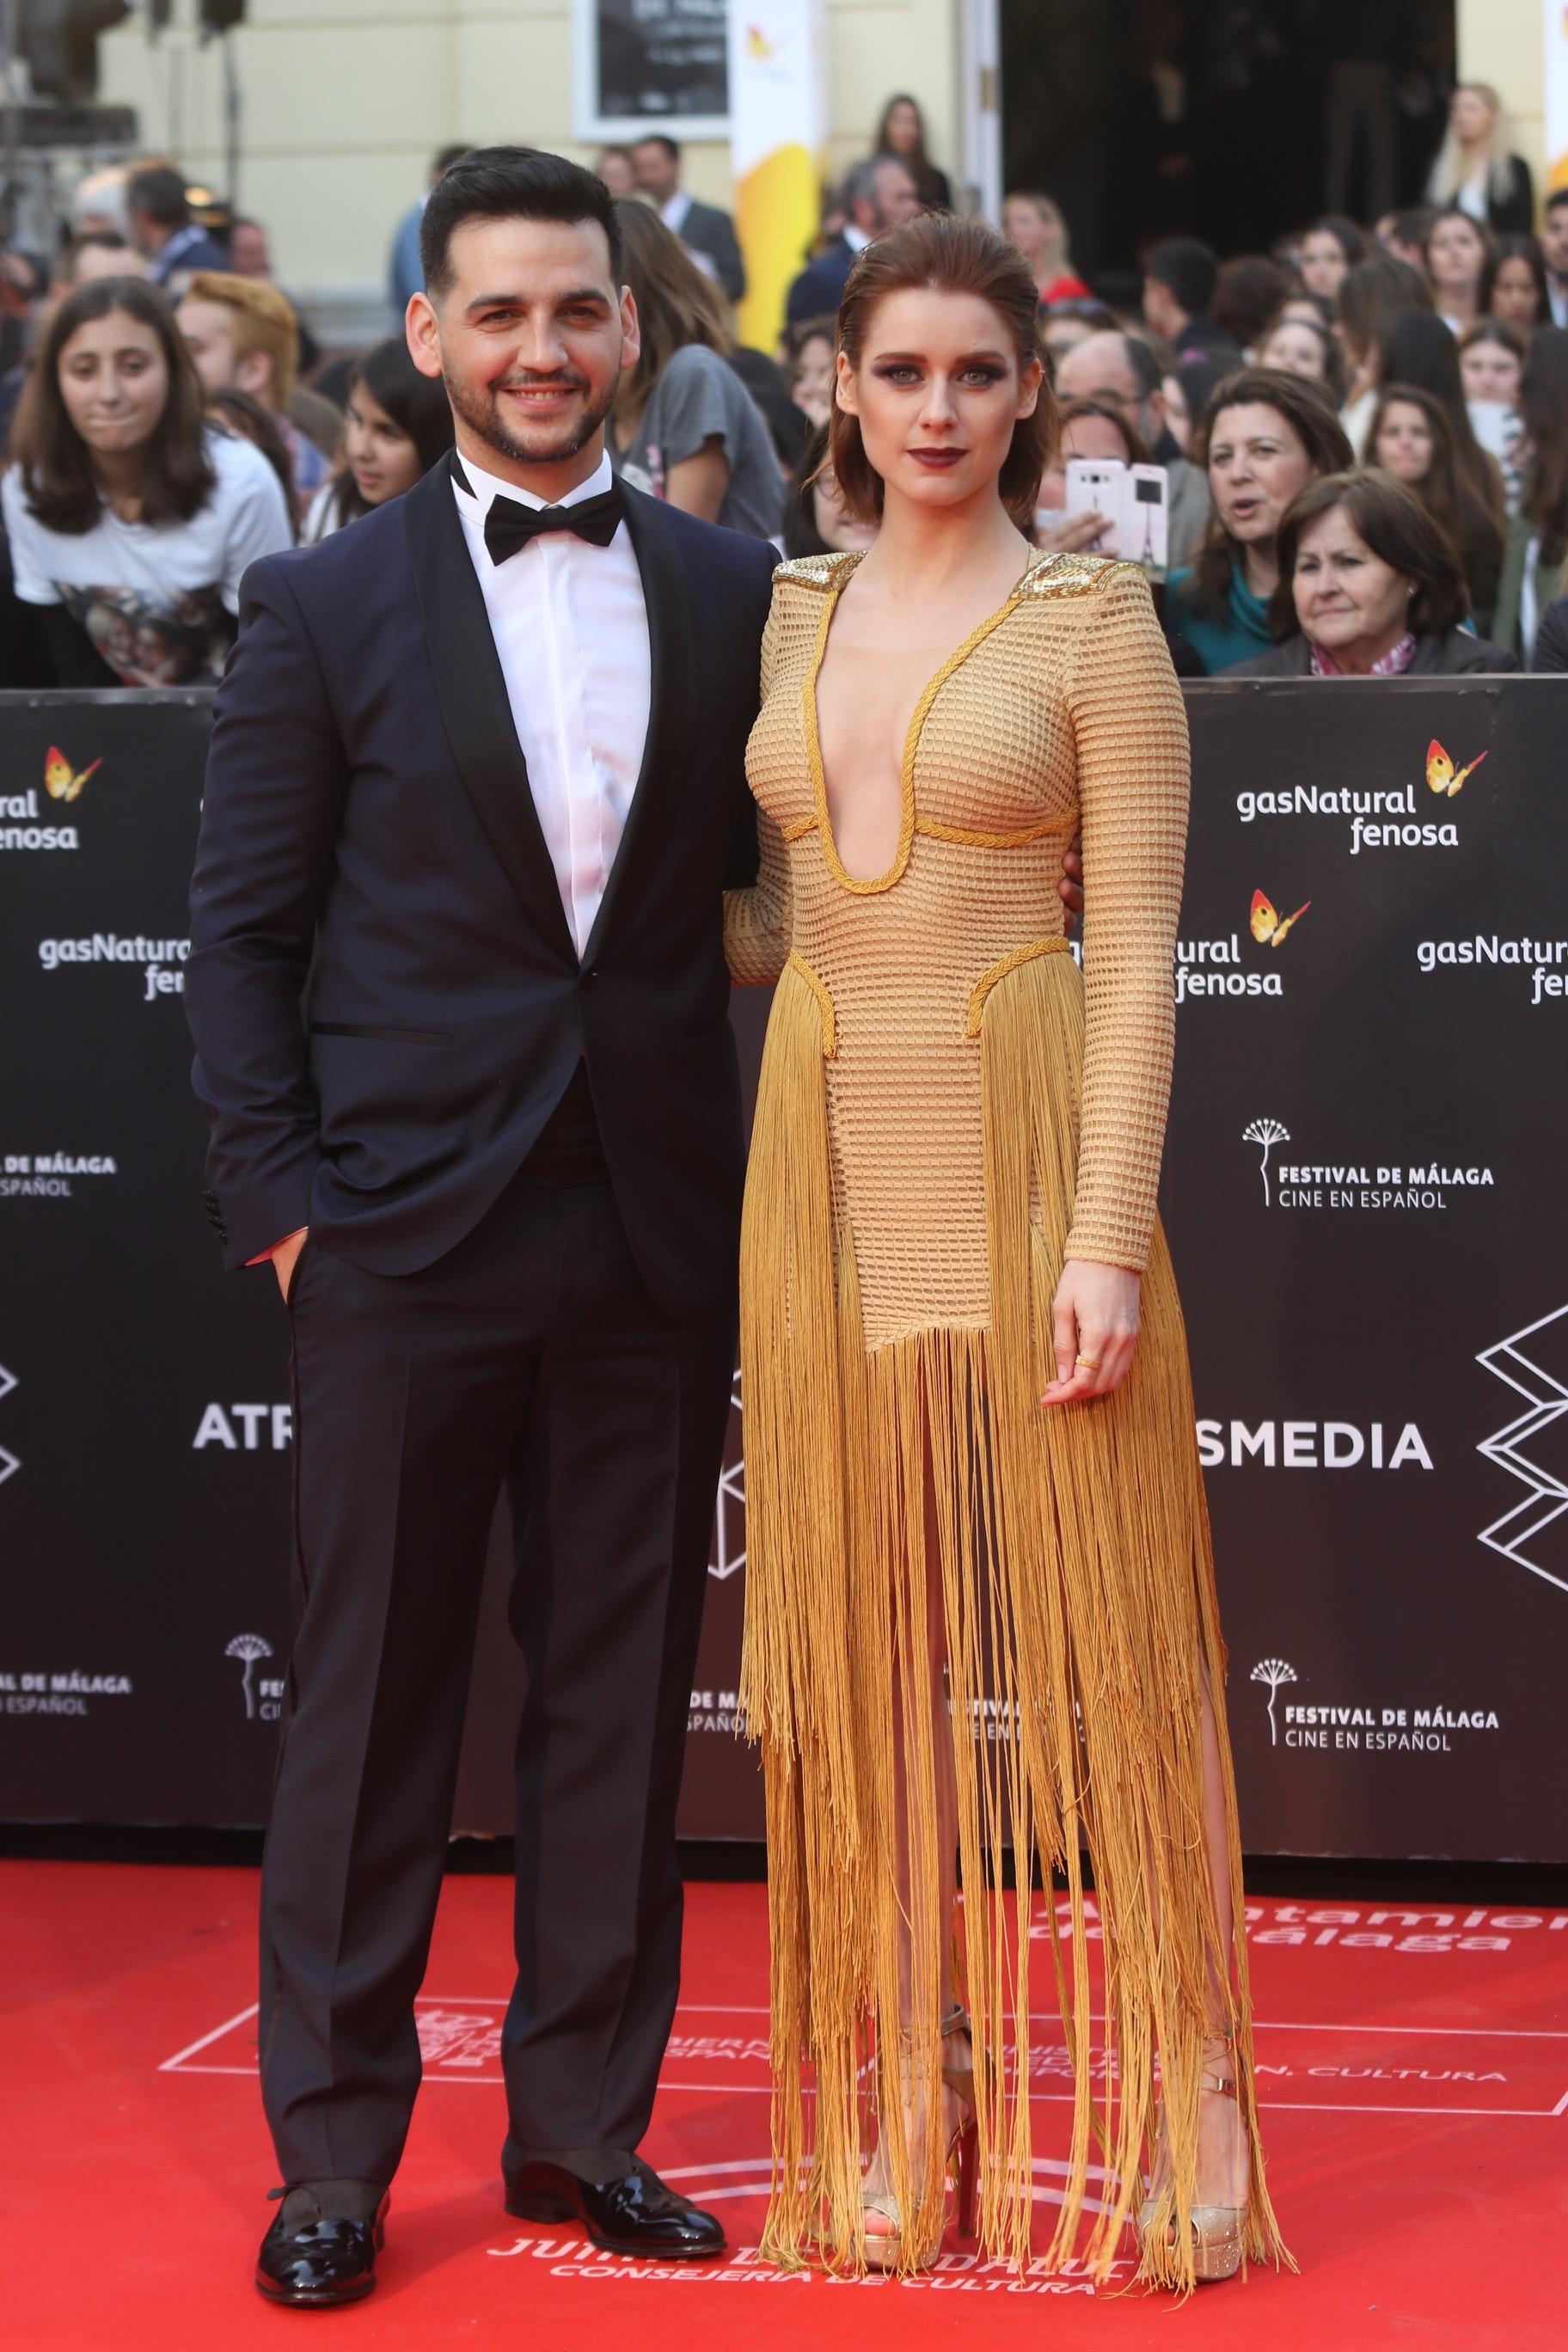 Los encargados de presentar la gala de inauguración Fran Perea y Manuela Vellés posan en la alfombra roja de la 20 edición del festival de cine en Español de Málaga